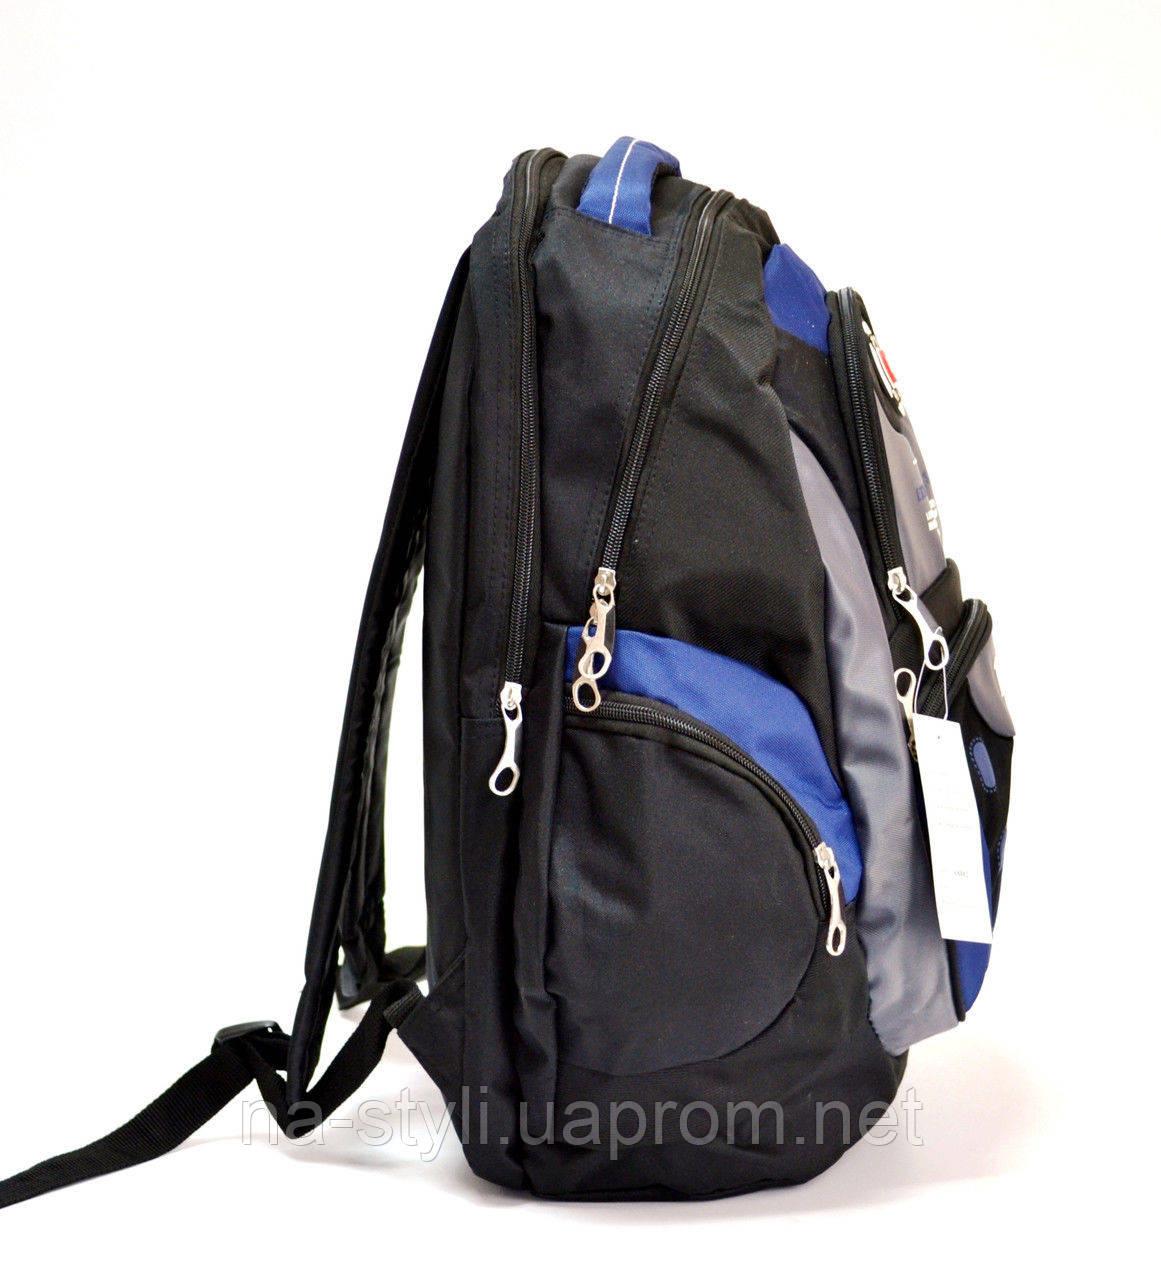 Детские школьнные рюкзаки польша женские рюкзаки-сумки из кожи